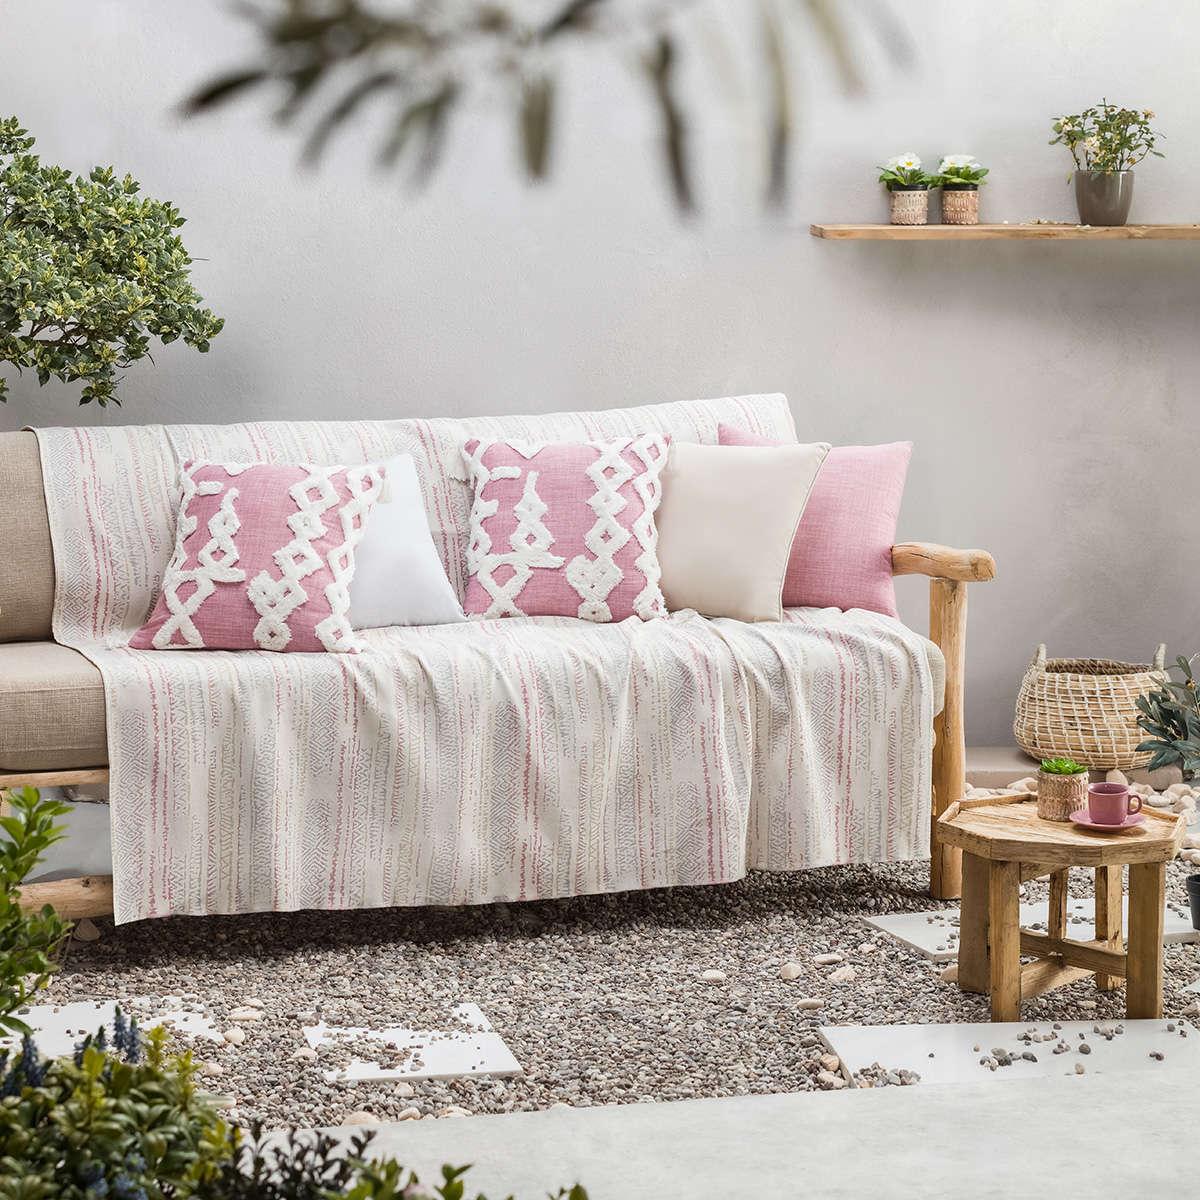 Ριχτάρι Flair Pink/Grey 857/17 Gofis Home Διθέσιο 180x250cm